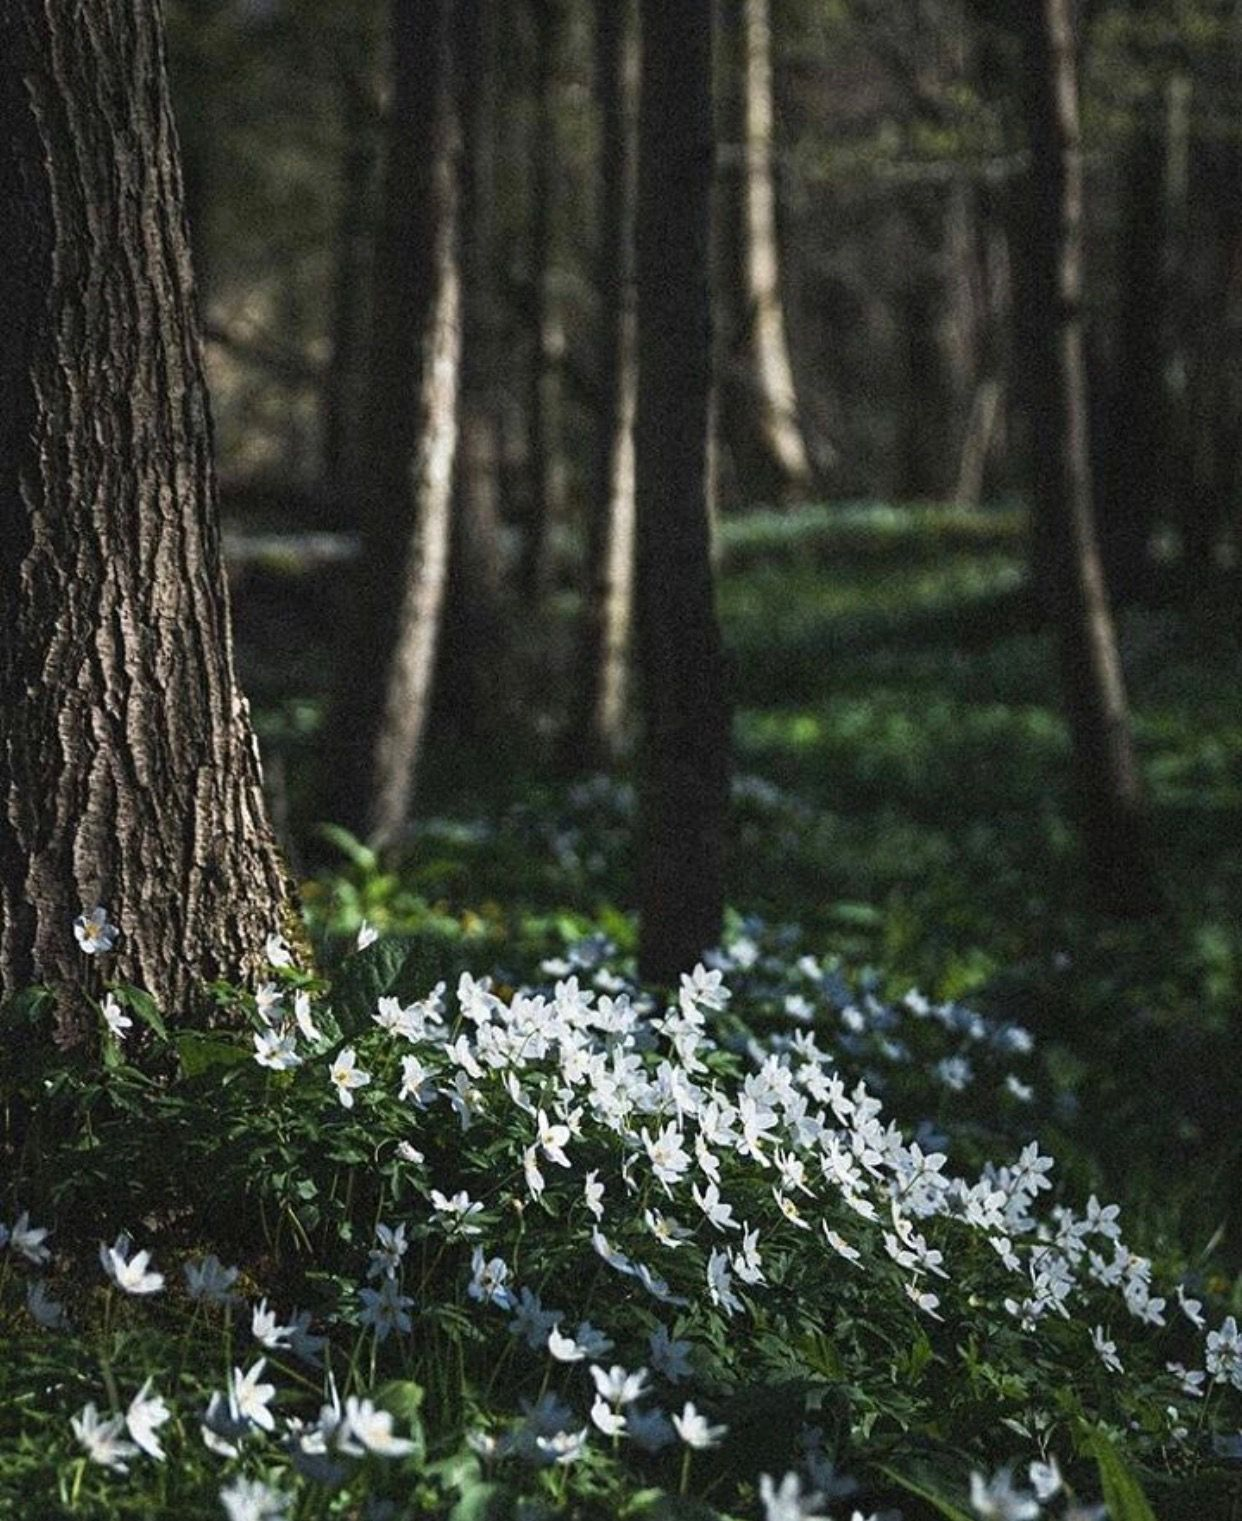 Sŋσⱳ Wꜧιʈɛ's Cσʈʈαɠɛ * ༻ Forest flowers, Nature